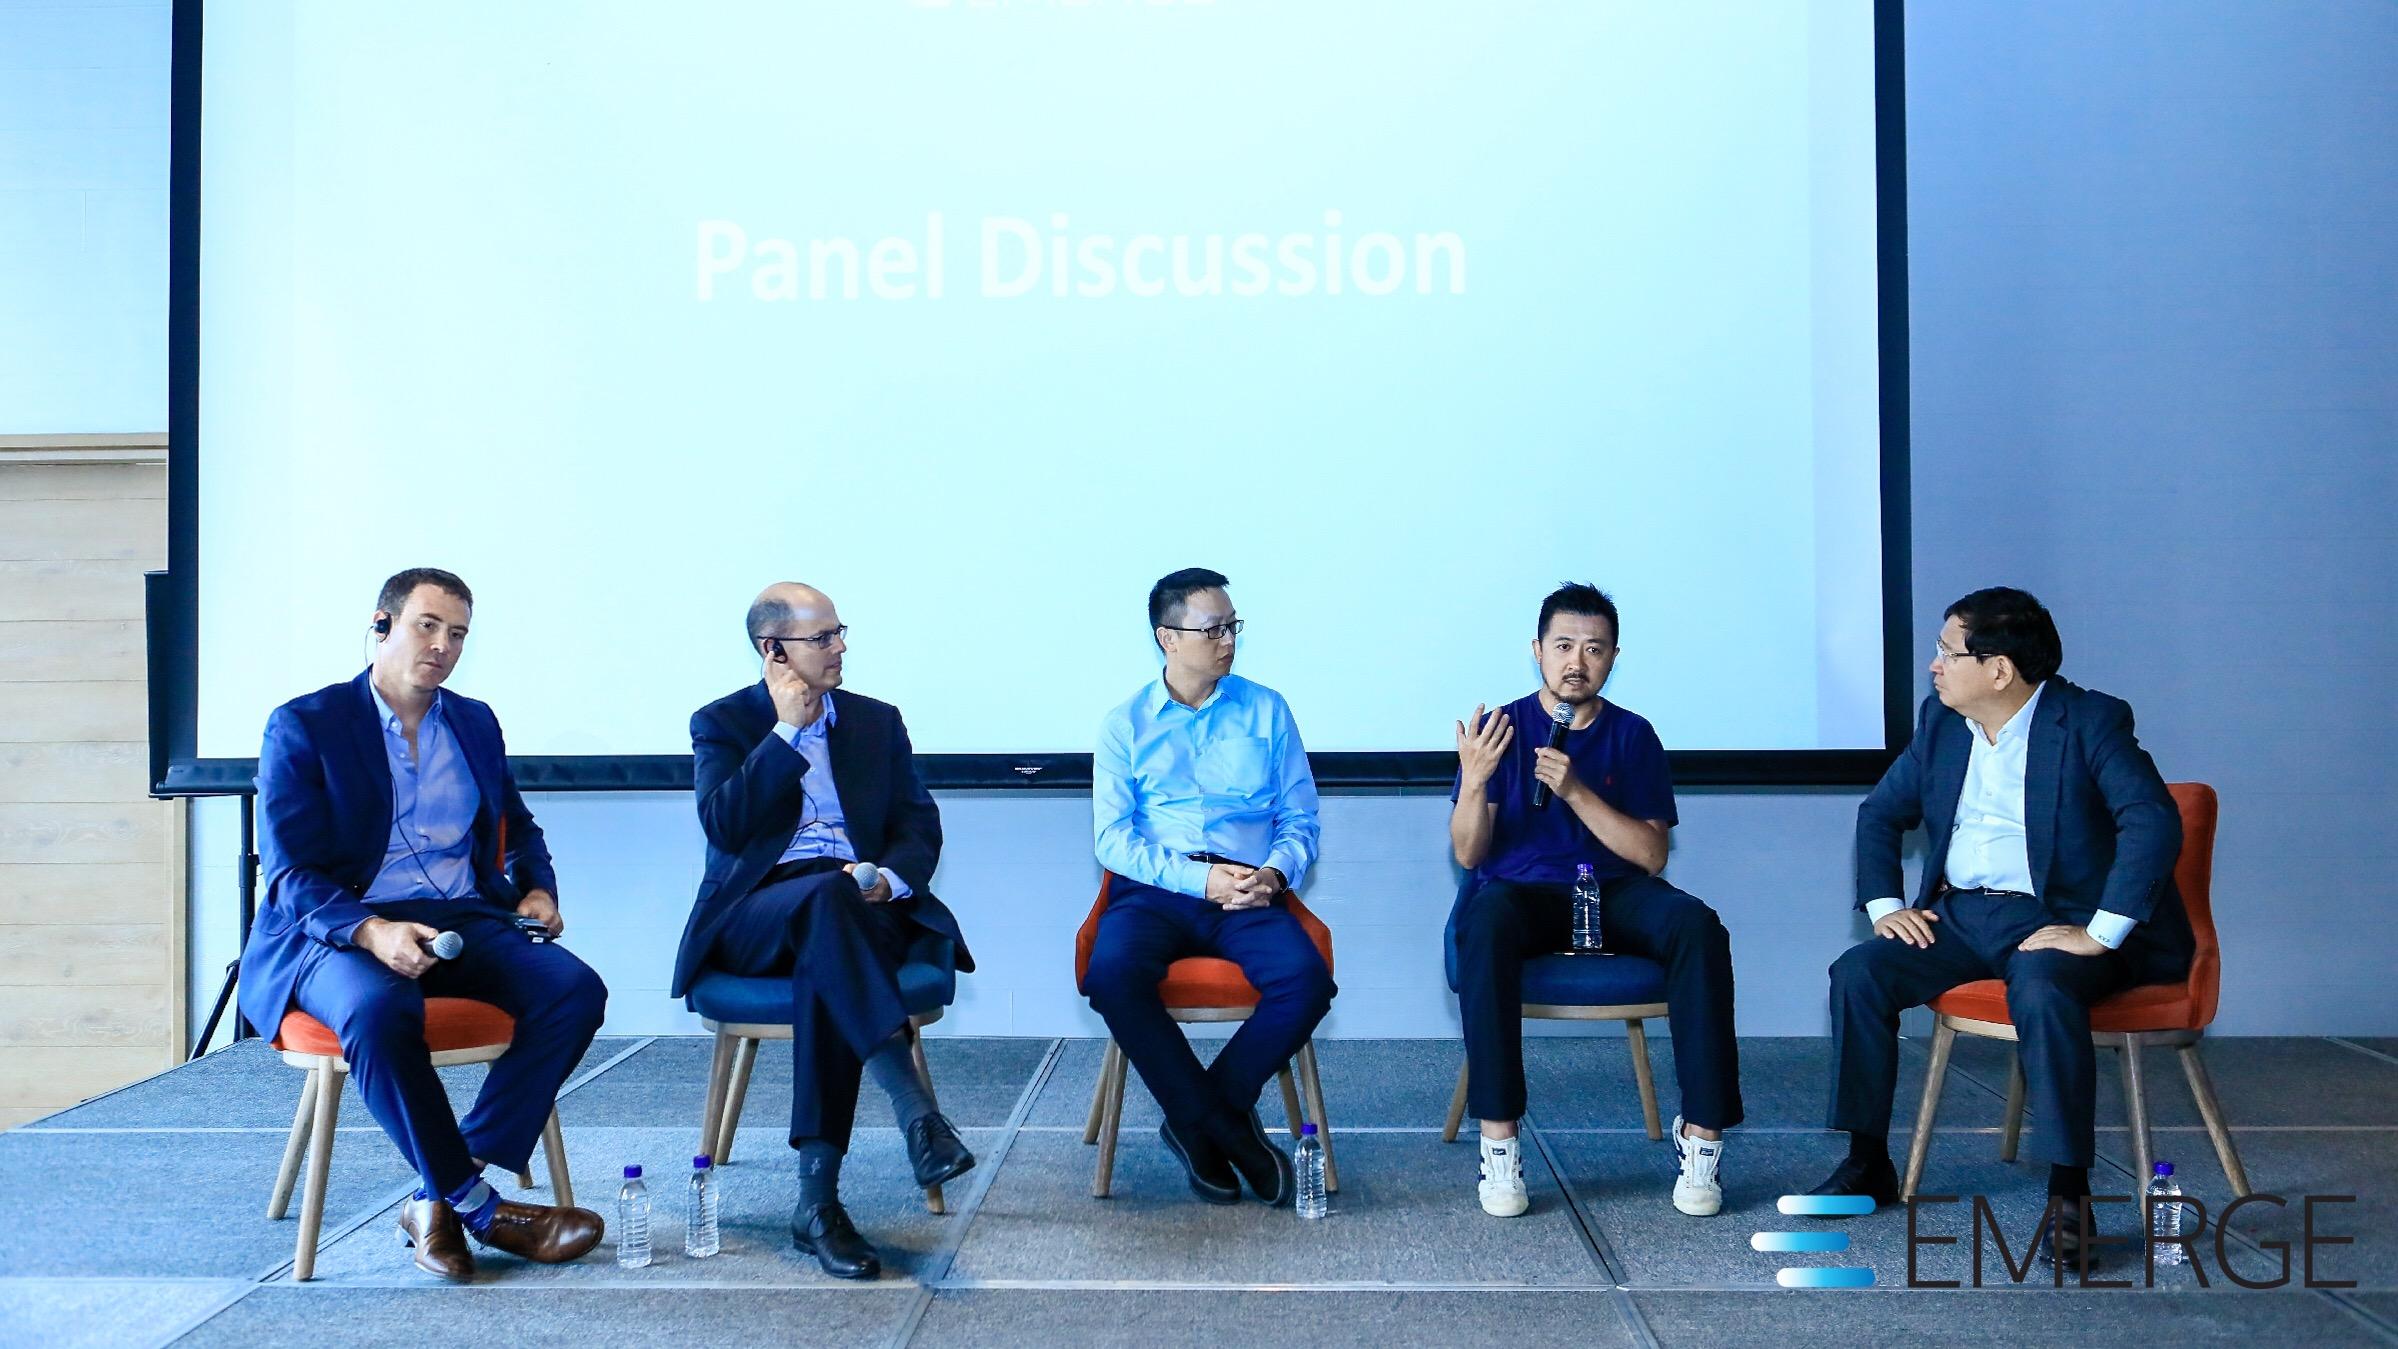 前线 | 徐小平、张颖助阵以色列风投Emerge 推动创新科技进入中国